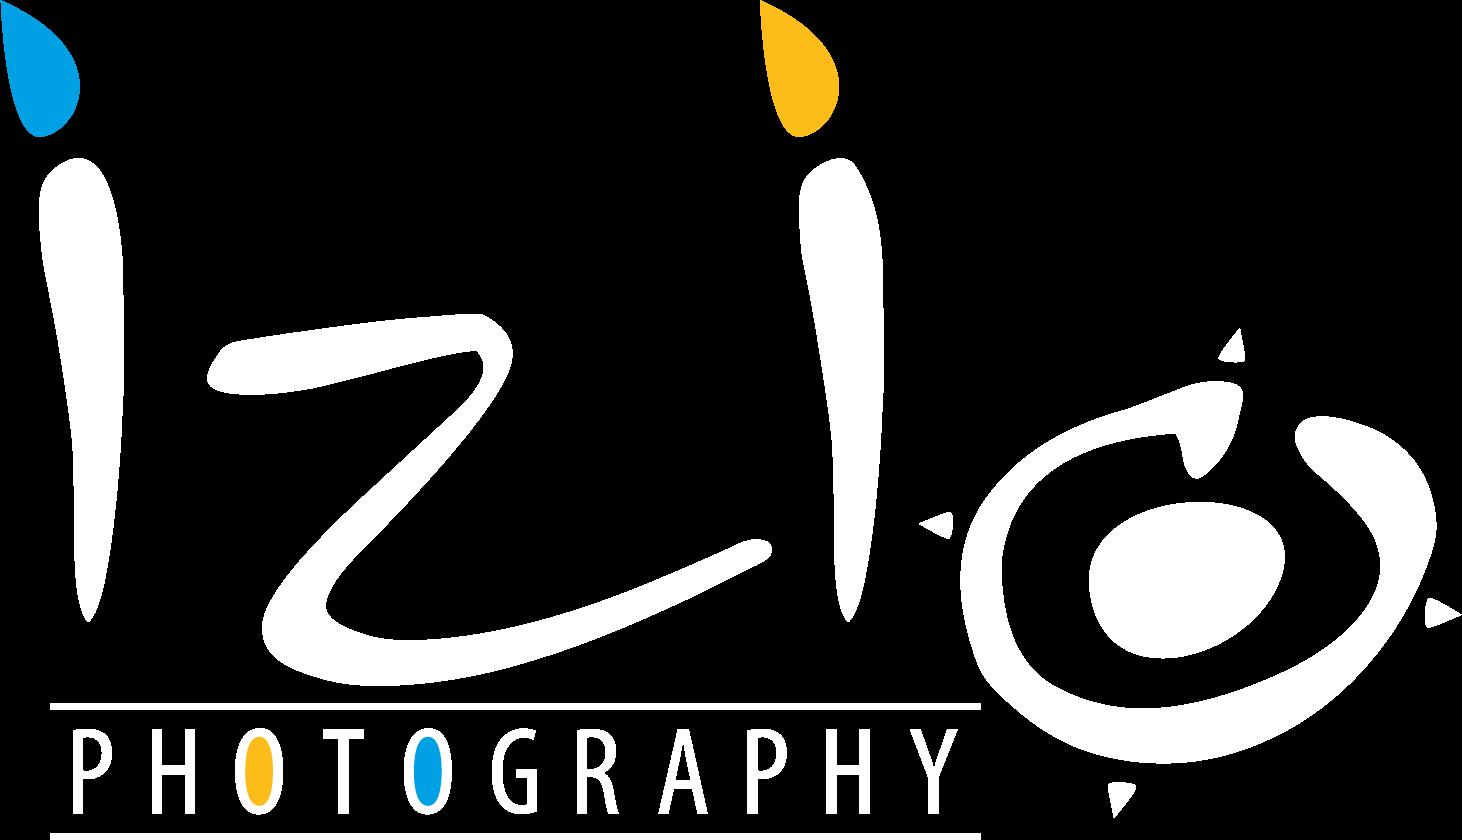 Iziophotography_logo